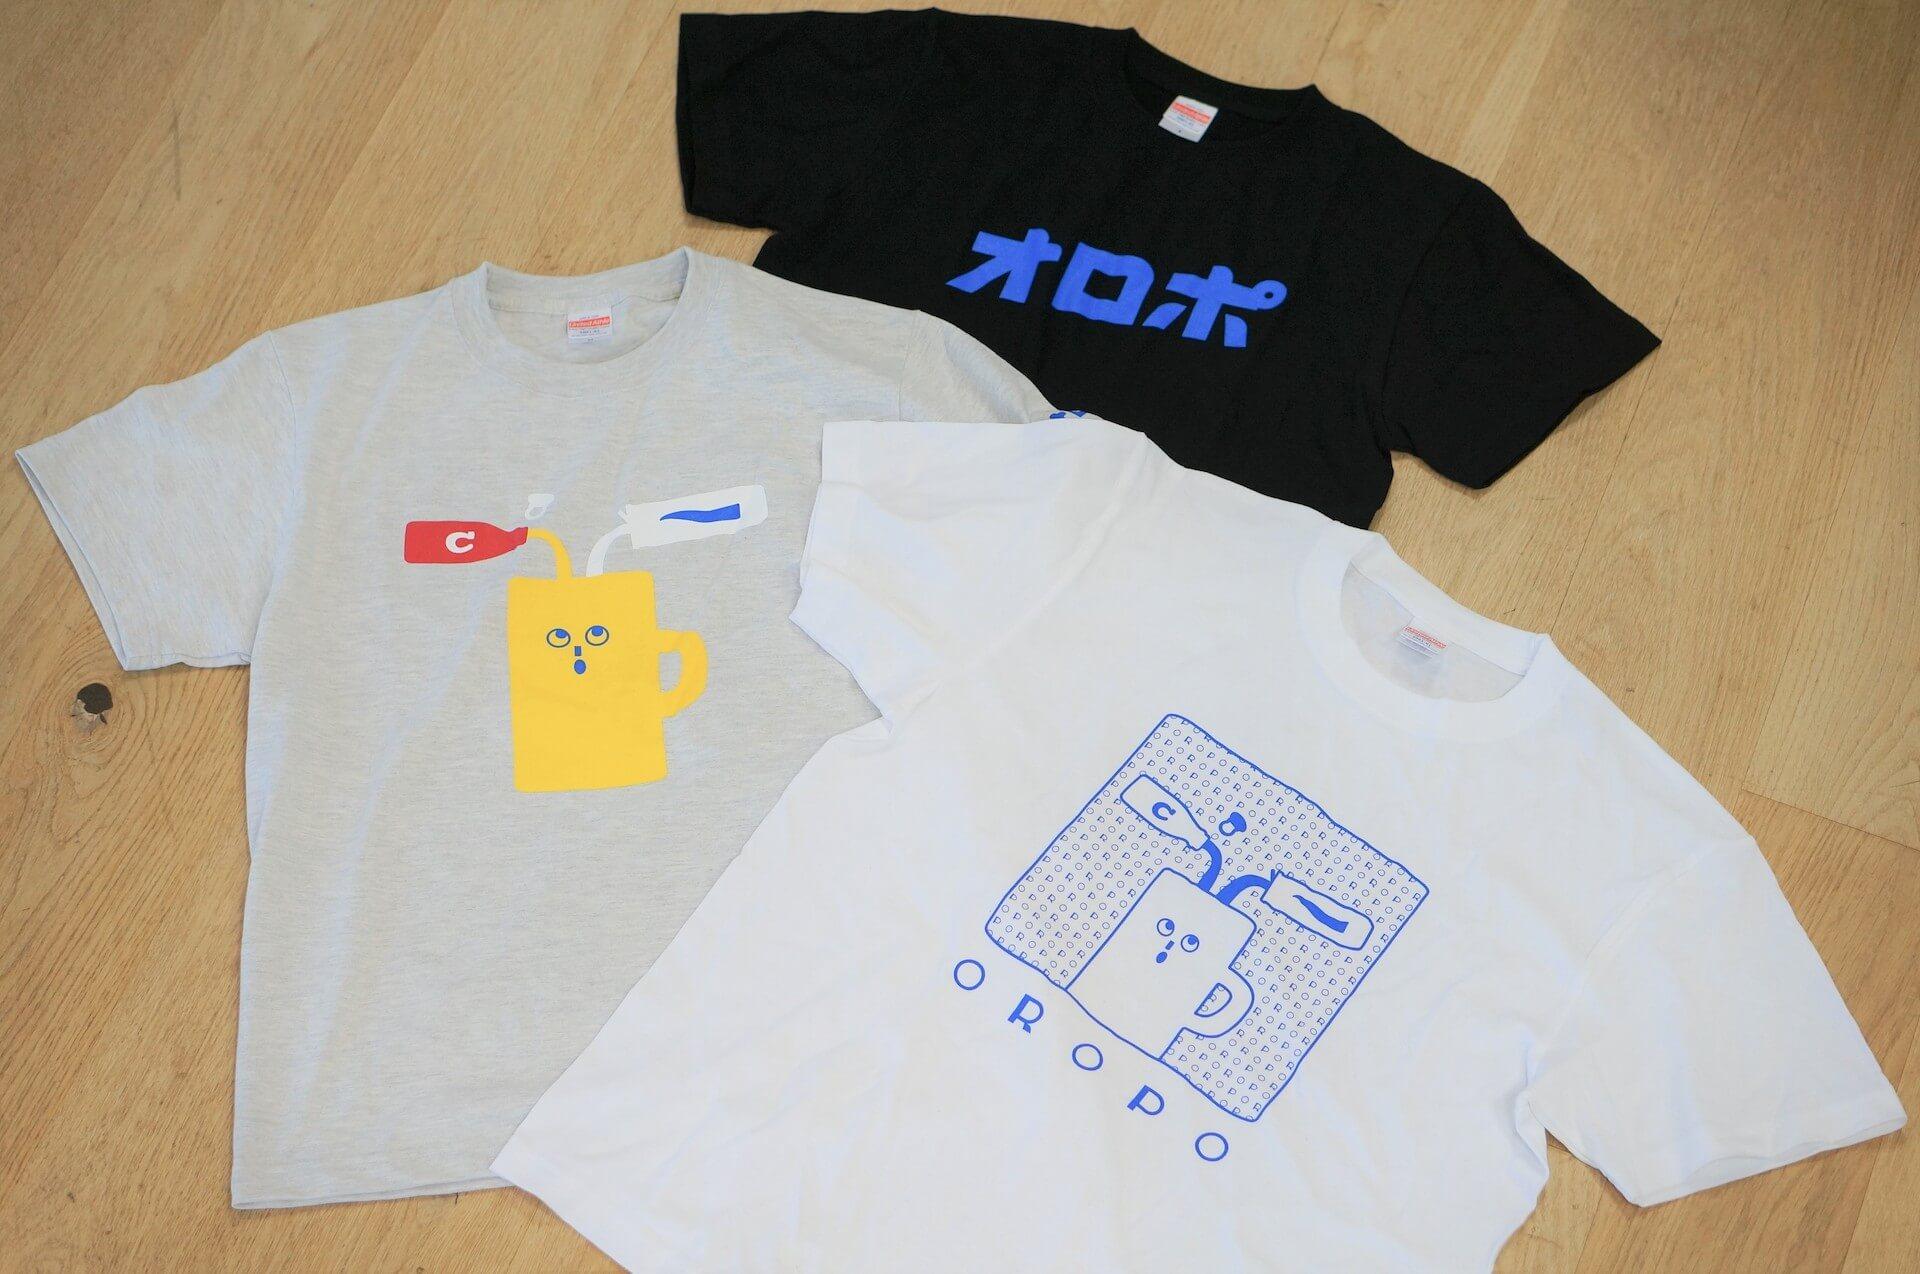 サウナー御用達ドリンク「オロポ」をテーマにしたアイテムが期間限定で発売決定!Tシャツ、バッグ、フェイスタオルなどが登場 life210913_sauna_oropo_4